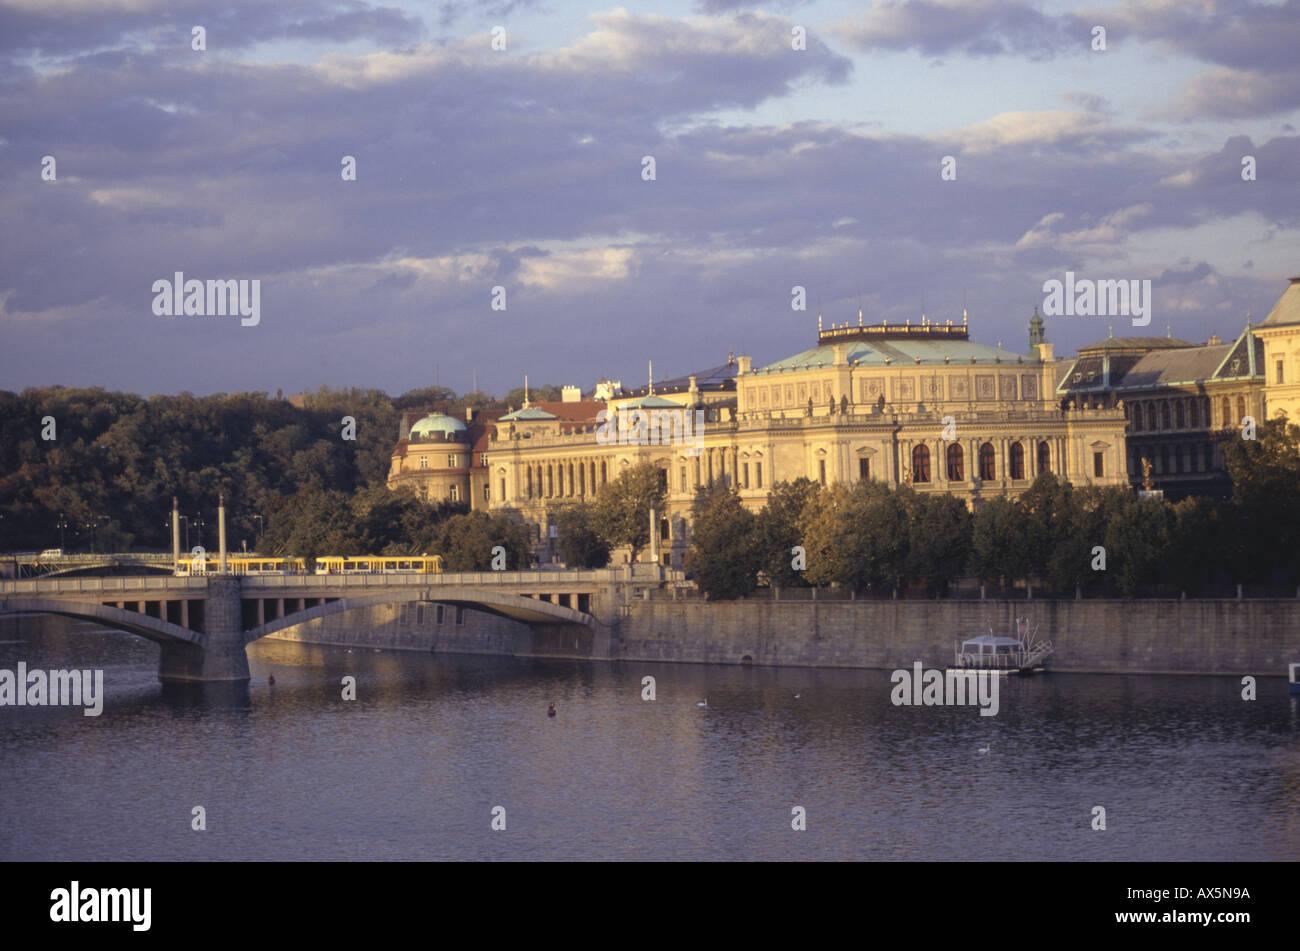 Praga, Repubblica Ceca. Il Rudolfinum (Casa degli Artisti, Dum Umelcu) e il ponte nella luce dorata del tardo pomeriggio. Foto Stock